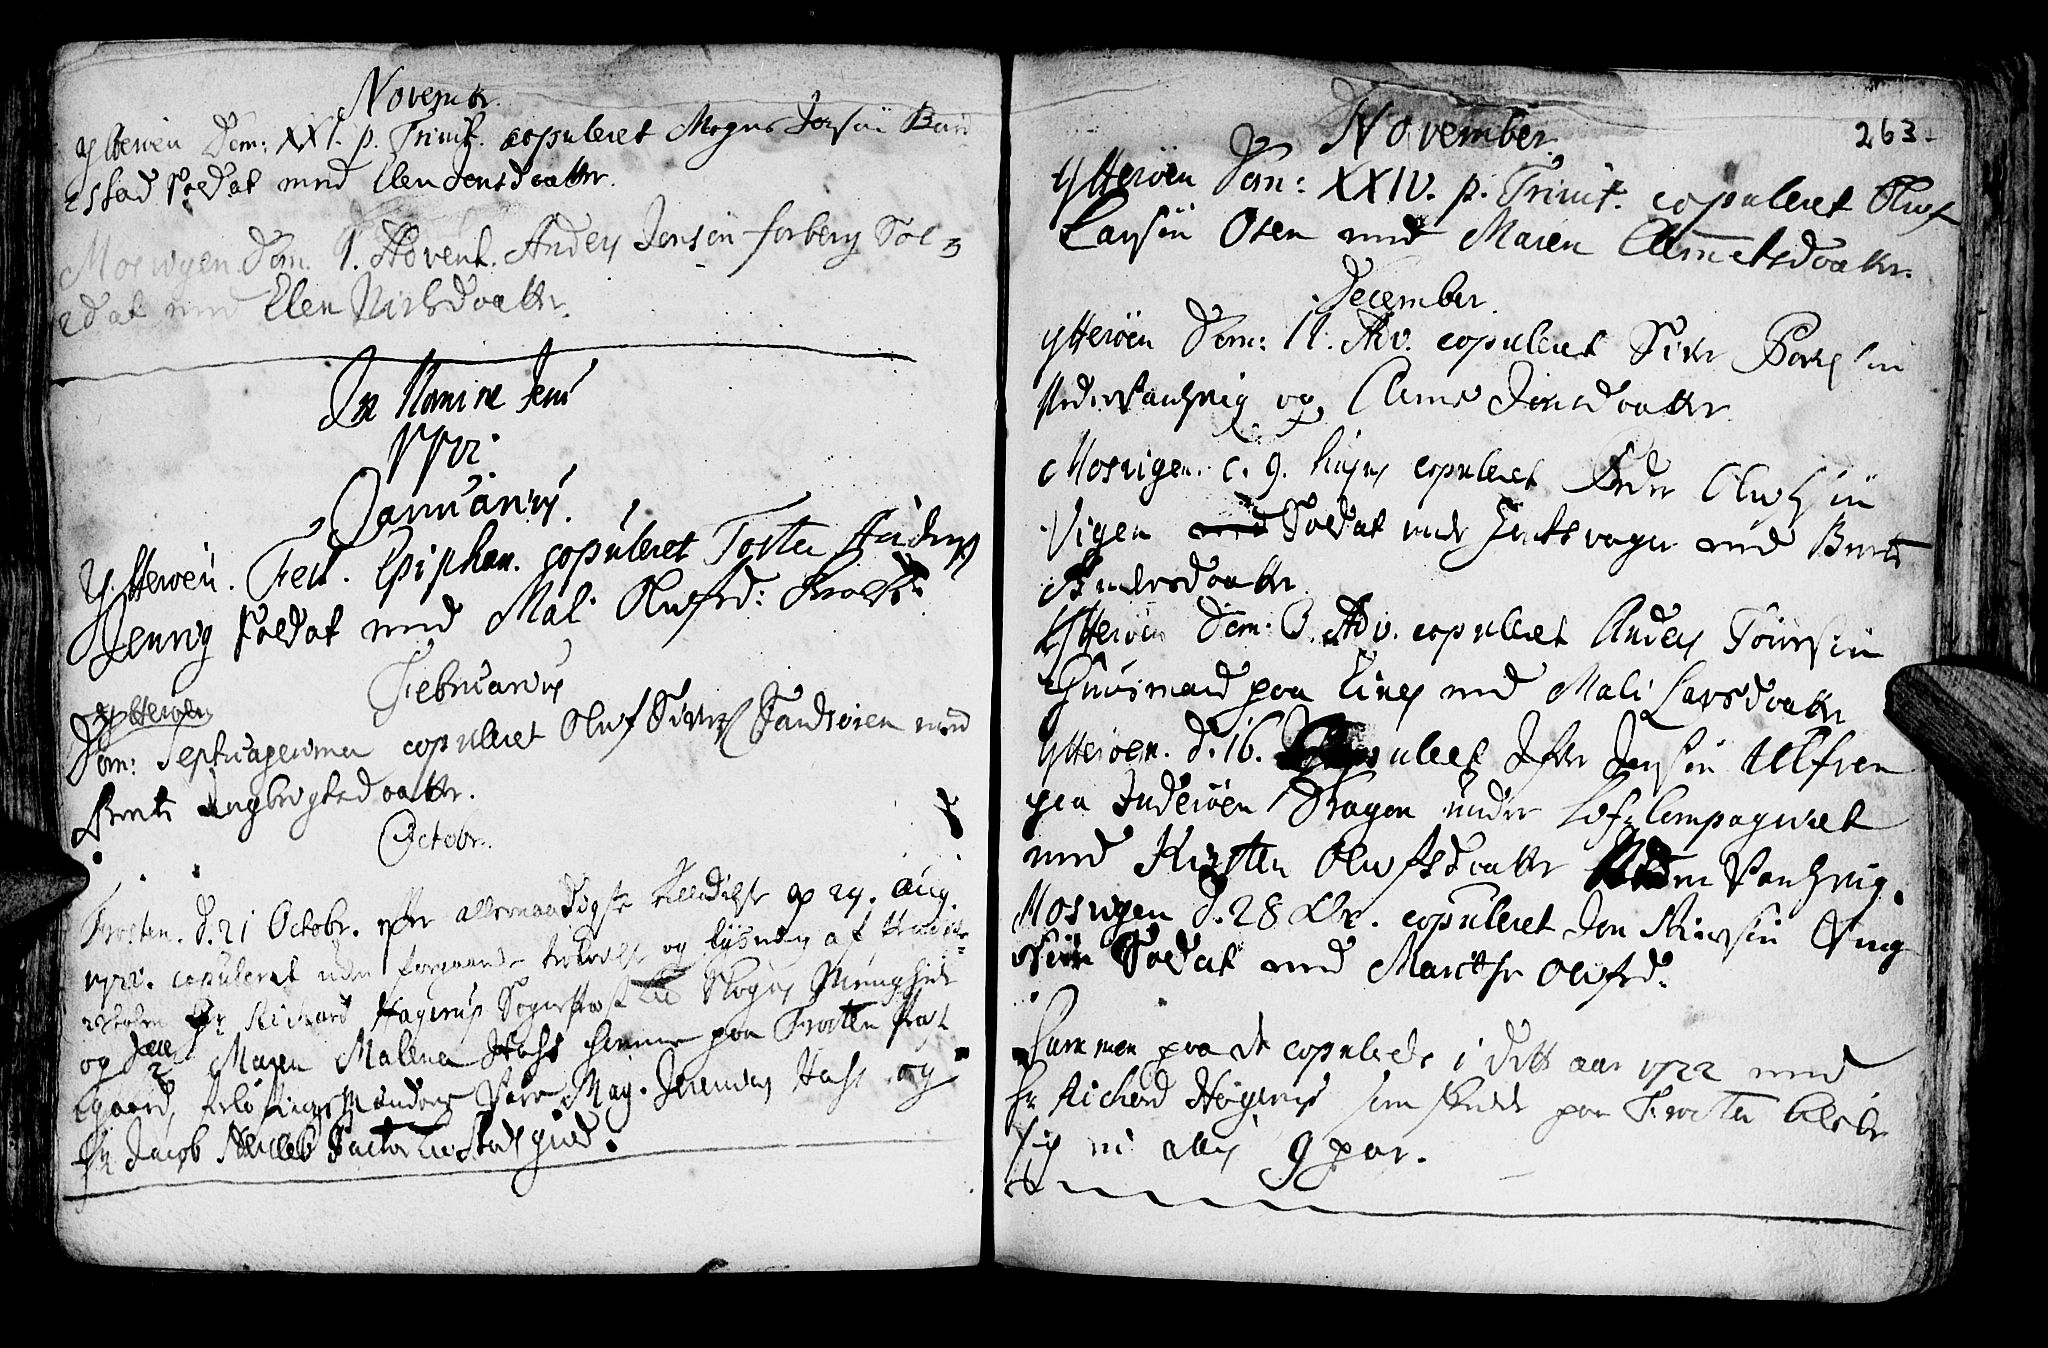 SAT, Ministerialprotokoller, klokkerbøker og fødselsregistre - Nord-Trøndelag, 722/L0215: Ministerialbok nr. 722A02, 1718-1755, s. 263